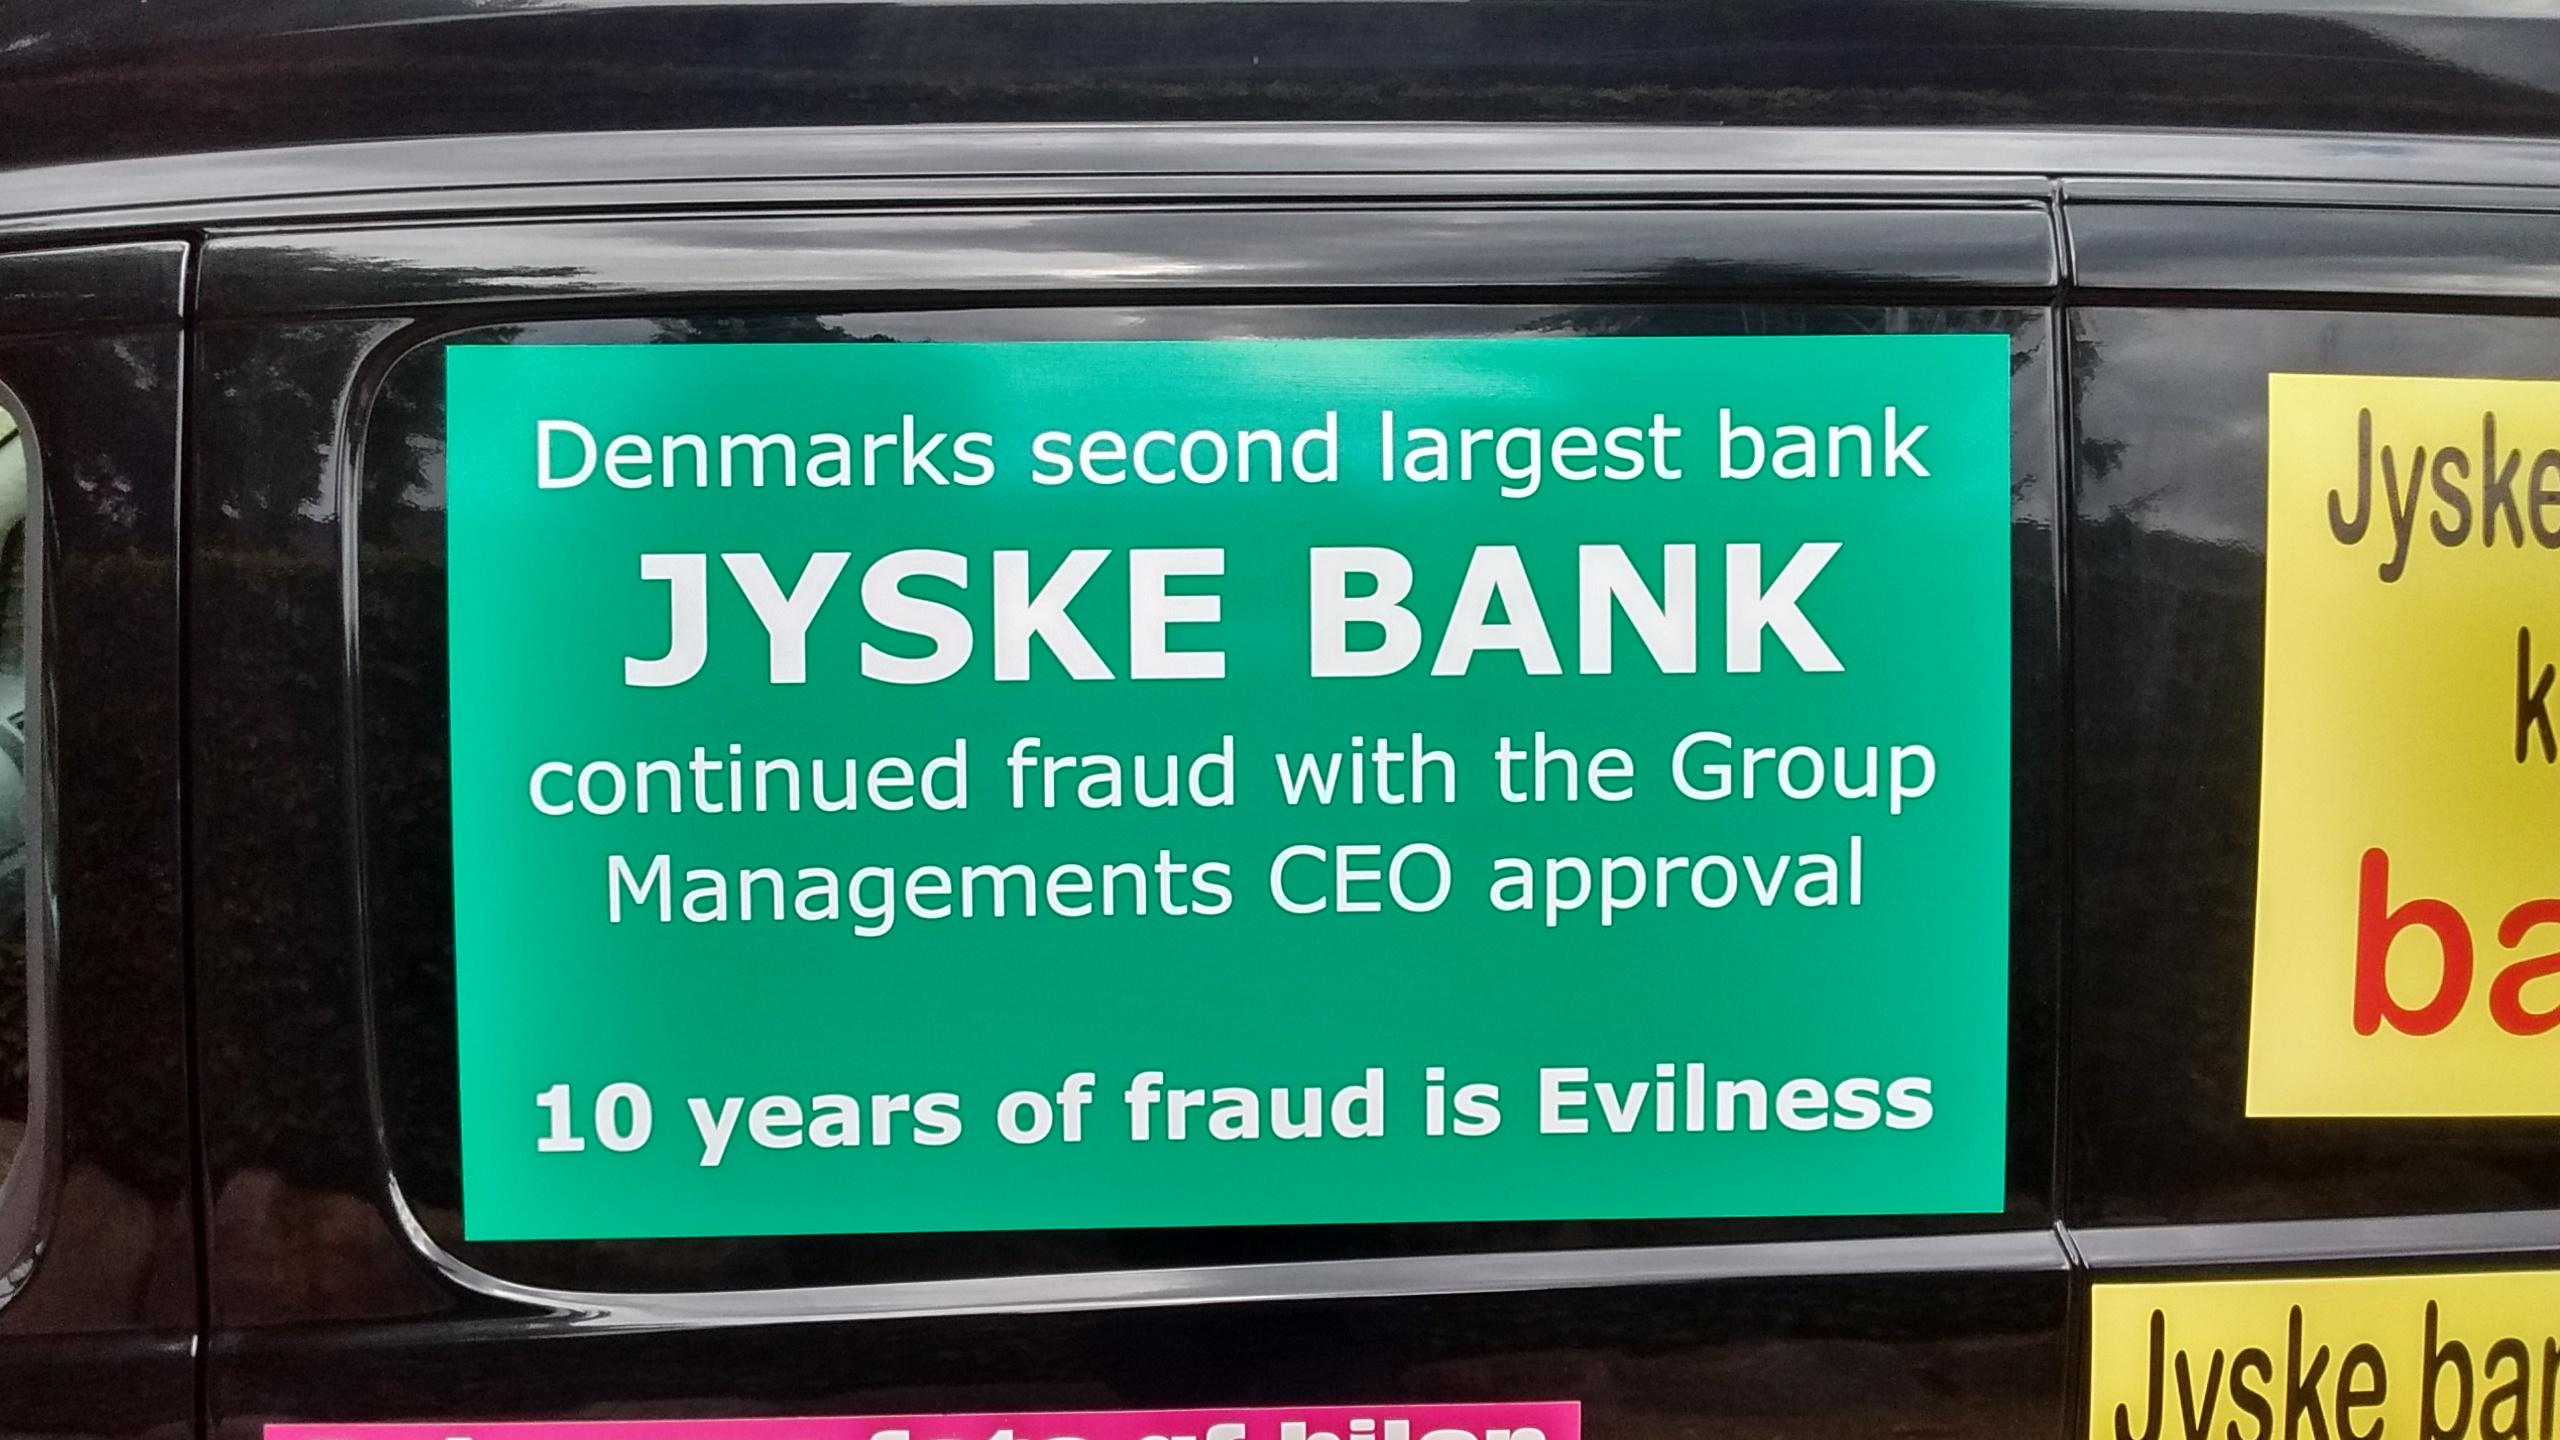 Kontakt Jyske Bank hvis du vil have dårlig og løgnagtig rådgivning www.banknyt.dk  Ærlighed finder du ikke i Jyske Bank, denne bank bedrager med ledelsens viden og godkendelse  #Danmarks store #kriminelle #virksomhed  #Danske #Svindel #Bank #Jyskebank kender ikke til #hæderlighed, og #bedrager lille #virksomhed på trods af at #AndersDam og koncern ledelsen er oplyst om, at den kriminelle jyske bank bevist bedrager kunden ved #Svig og #Falsk på 10'ende år. #Ærlighed eller #Hæderlighed  #Lyve #Bedrageri #Dokumentfalsk #Bedrageriske  #Stjålende  - BEDRAGERI  Fraud in the Danish banks by by Jyske Bank management  #Bank #AnderChristianDam    #Gangcrimes #Crimes #Stock #Recommendations #Rental #Property #Lejebolig  #Journalist #Press  -   When the Danish banks deceive their customers   a case of fraud in Danish banks against customers    :-(  :-(    When the #Danish #Banks as #jyskebank are making fraud   And the gang leader, Anders Dam controls the bank's fraud.   :-(    Anders Dam Bank's CEO refuses to quit fraud against customers  -  So it only shows how criminal the Danish jyske bank is.   :-)   Do not trust the #JyskeBank  they are #Lying constantly,   when the bank cheats you    The fraud that is #organized through by 3 departments,  and many members of the organization JYSKE BANK    :-(    The Danish bank jyske bank is a criminal business Follow the case in Danish law BS 99-698/2015    :-) :-)   - Thanks to all of you we meet on the road.    Which gives us your full support to the fight against the Danish fraud bank.   JYSKE BANK    :-)  :-)  Please ask the bank, jyske bank if we have raised a loan of DKK 4.328.000   In Danish bank nykredit.  as the Jyske bank writes to their customer, who is ill after a brain bleeding    -    As the bank is facing Danish courts and claim is a loan behind the interest rate swap  The swsp   Jyske Bank itself made 16-07-2008    #Financial #News #Press #Share #Pol #Recommendation #Sale #Firesale #AndersDam #JyskeBank #ATP #PFA #Advoka